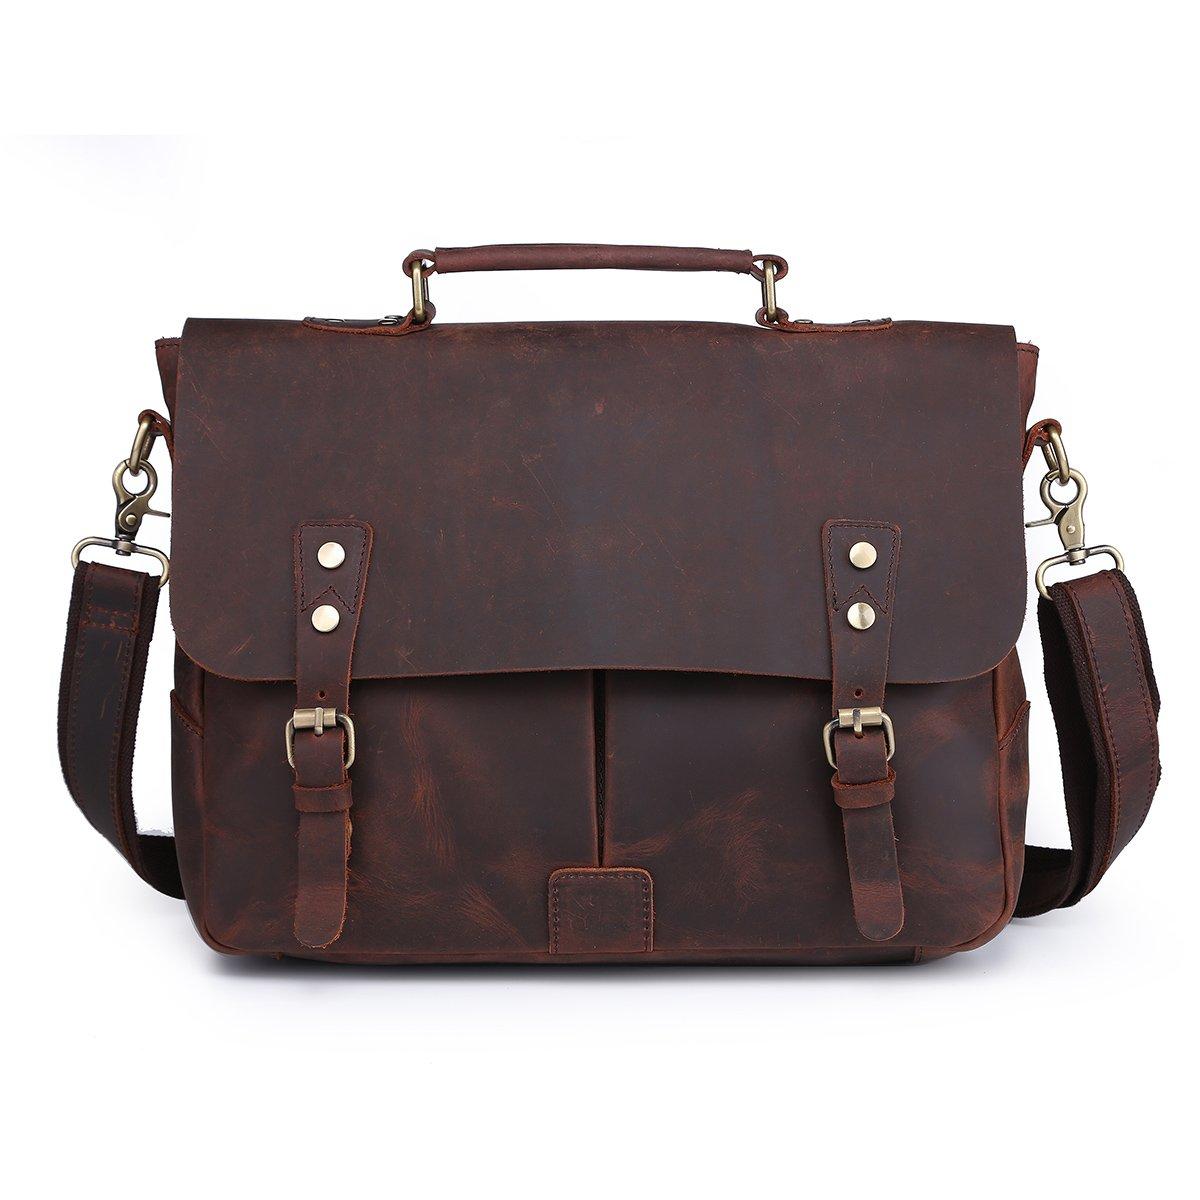 Sulandy Men's Leather Satchel Briefcase, 14'' Laptop Messenger Shoulder Bag Tote